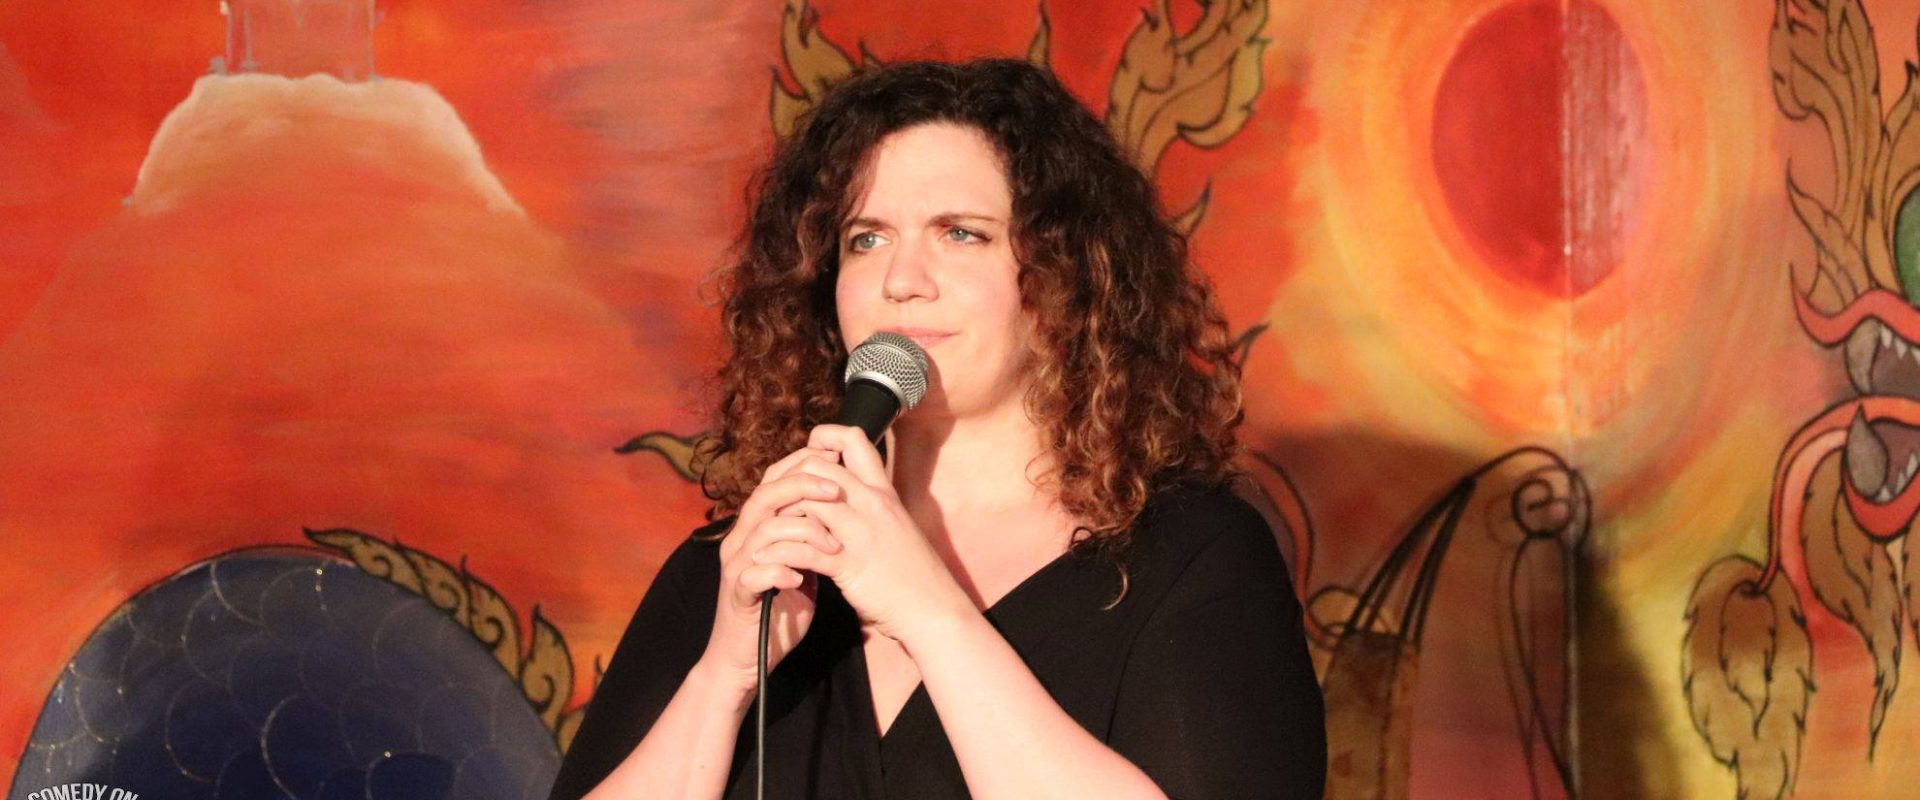 Natalie Holt